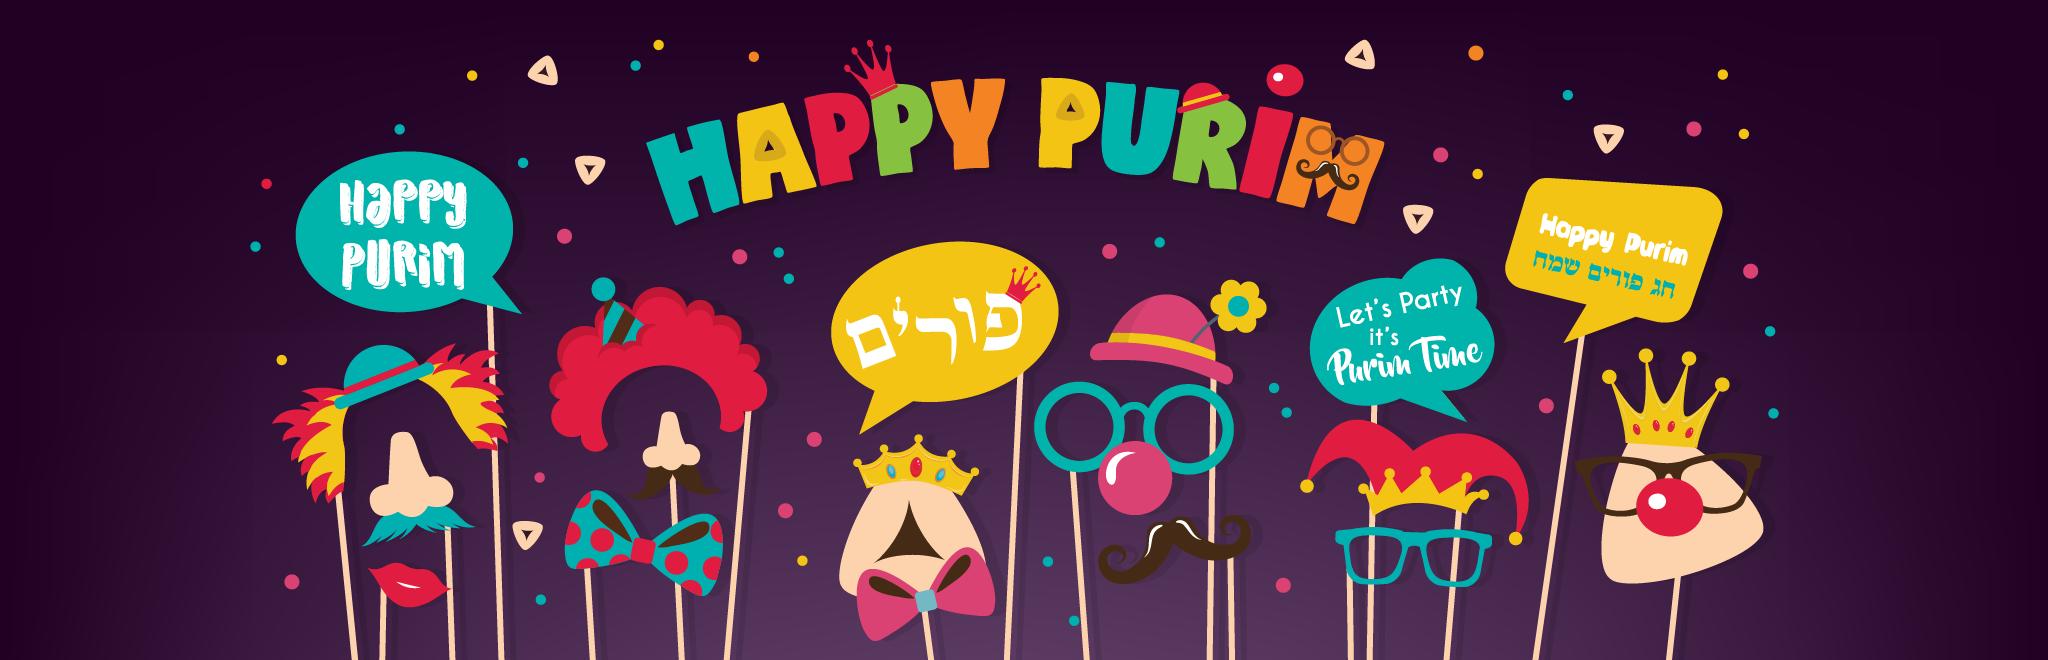 Purim_social